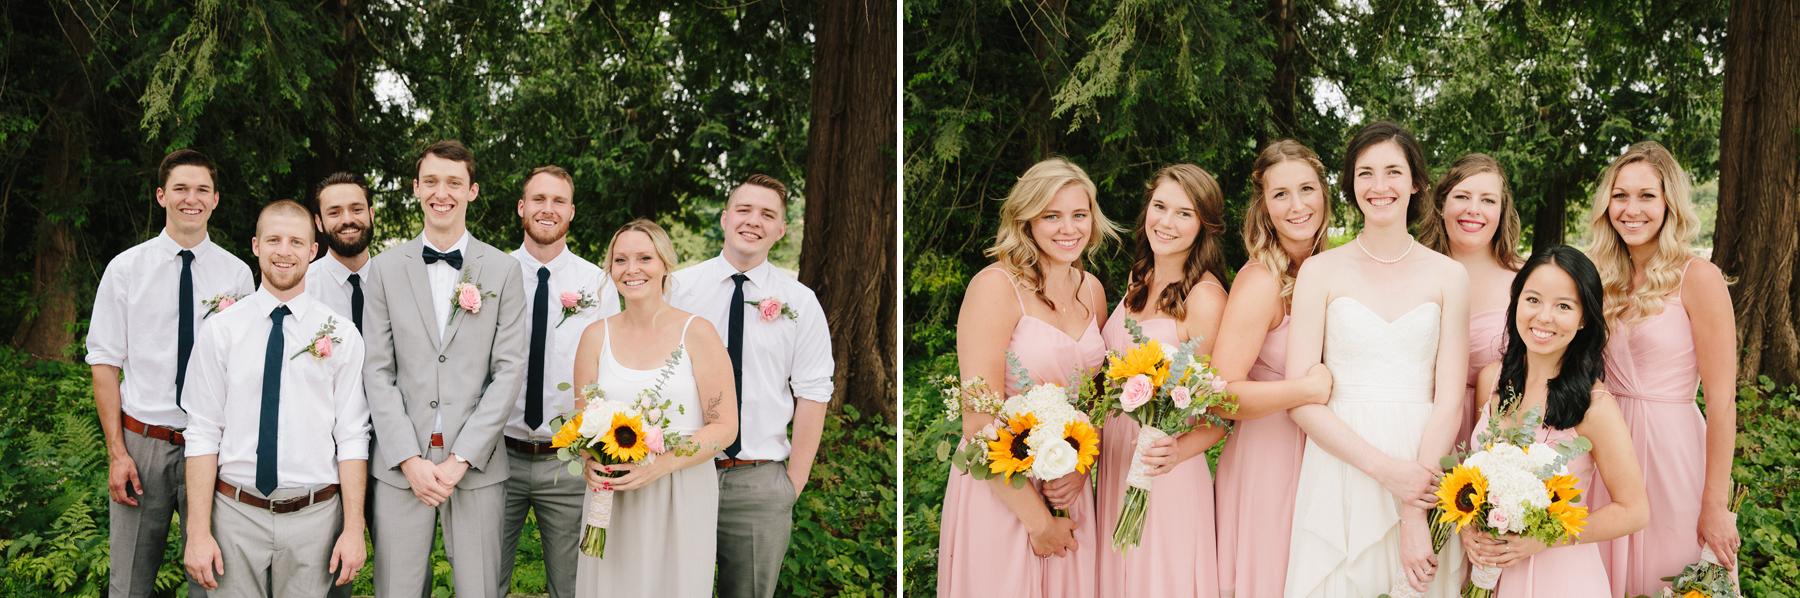 Vancouver-Rustic-Farm-Wedding-KB-067.jpg